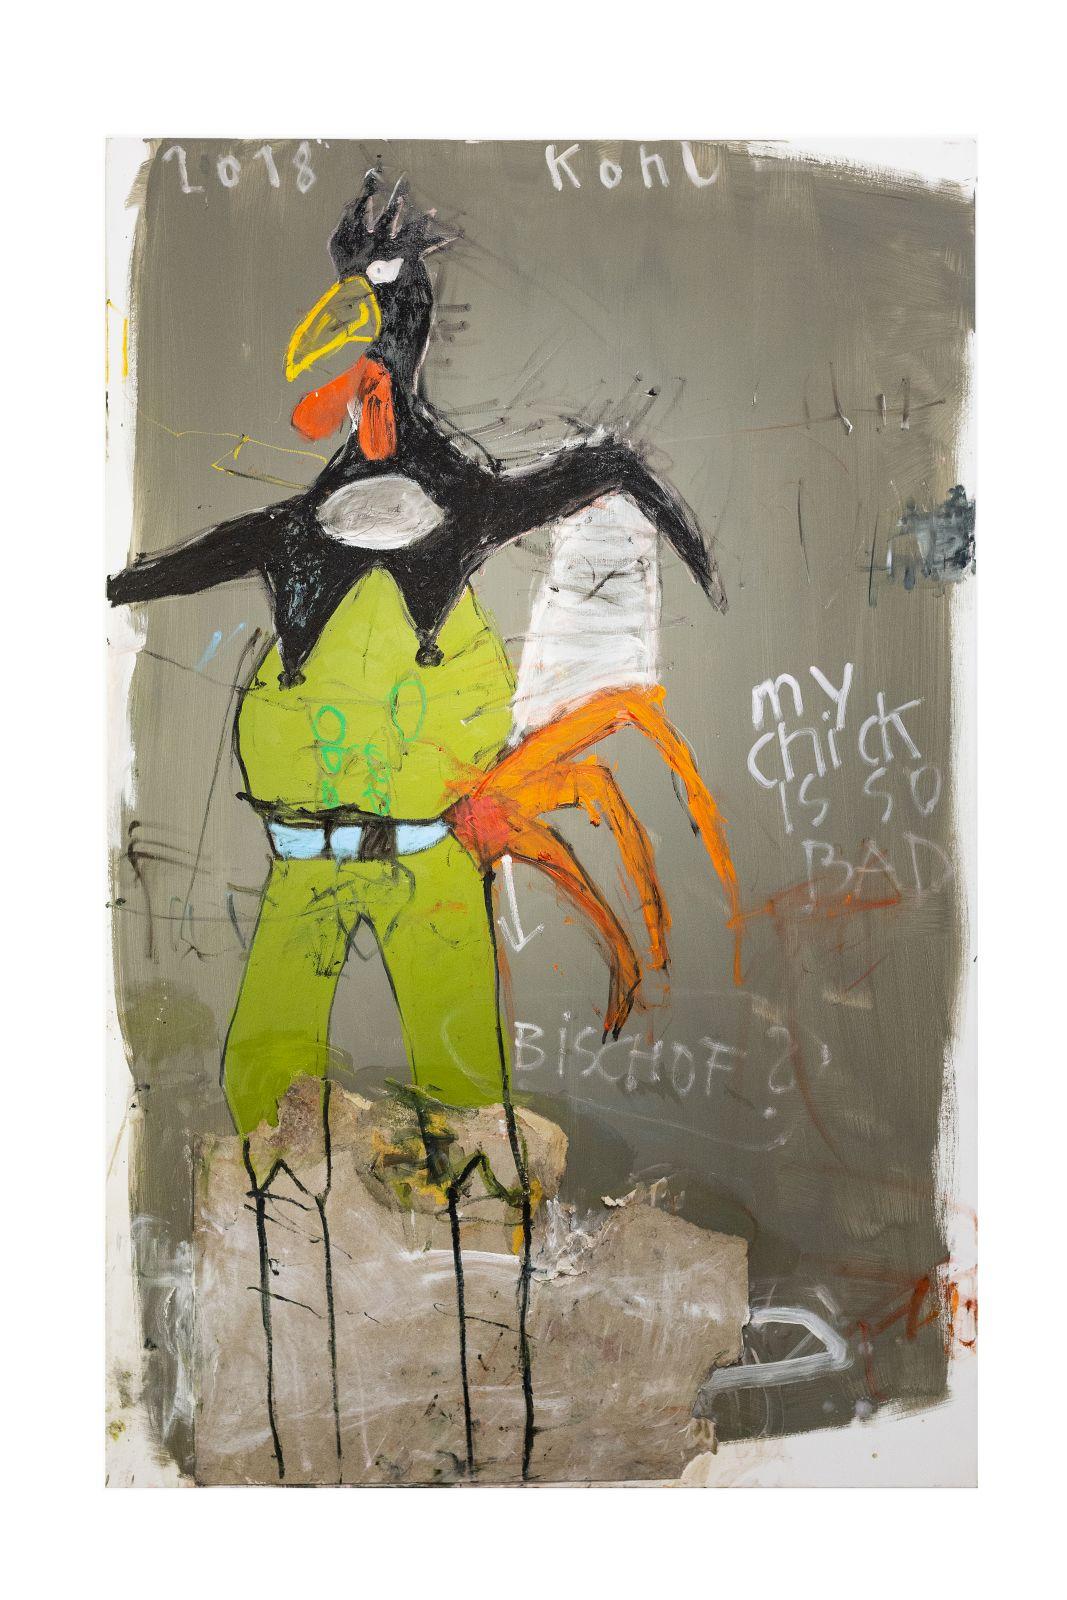 #102 Peter Kohl, Image